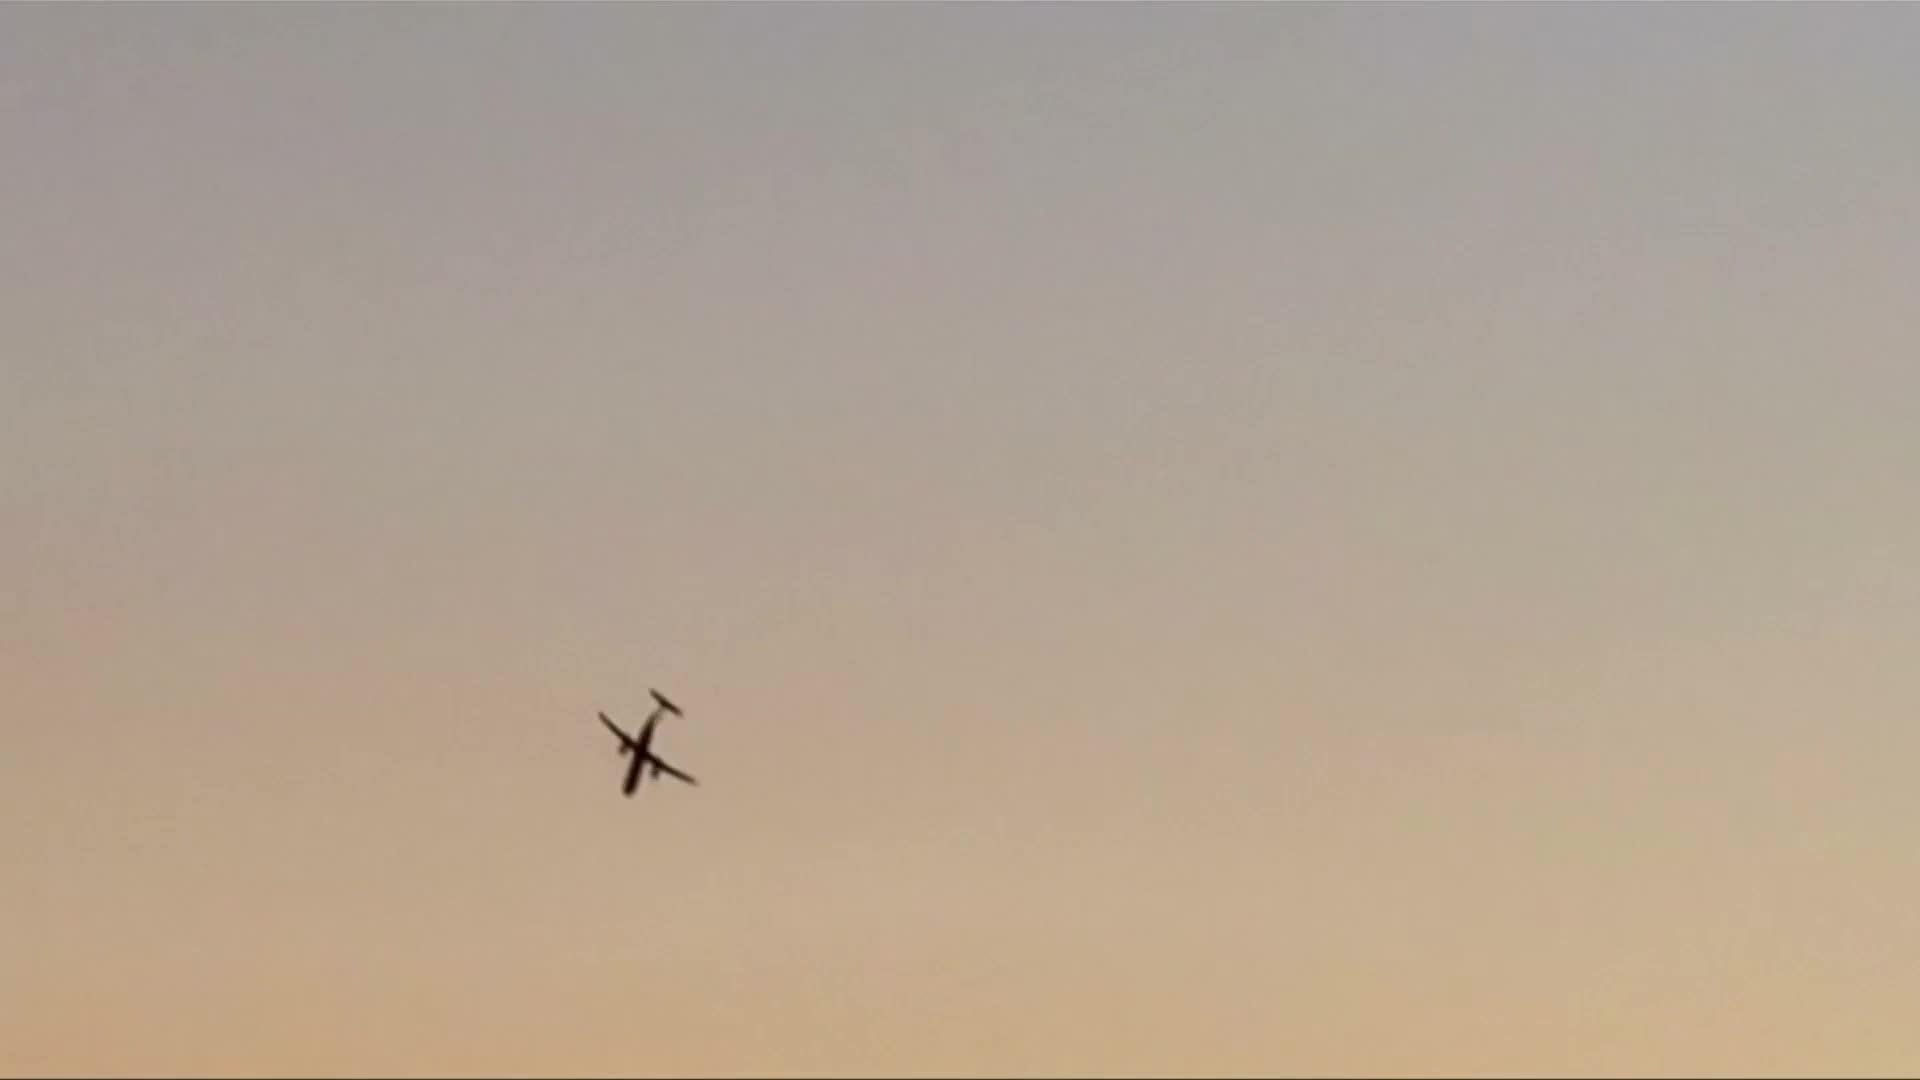 美国一男子偷飞机坠亡